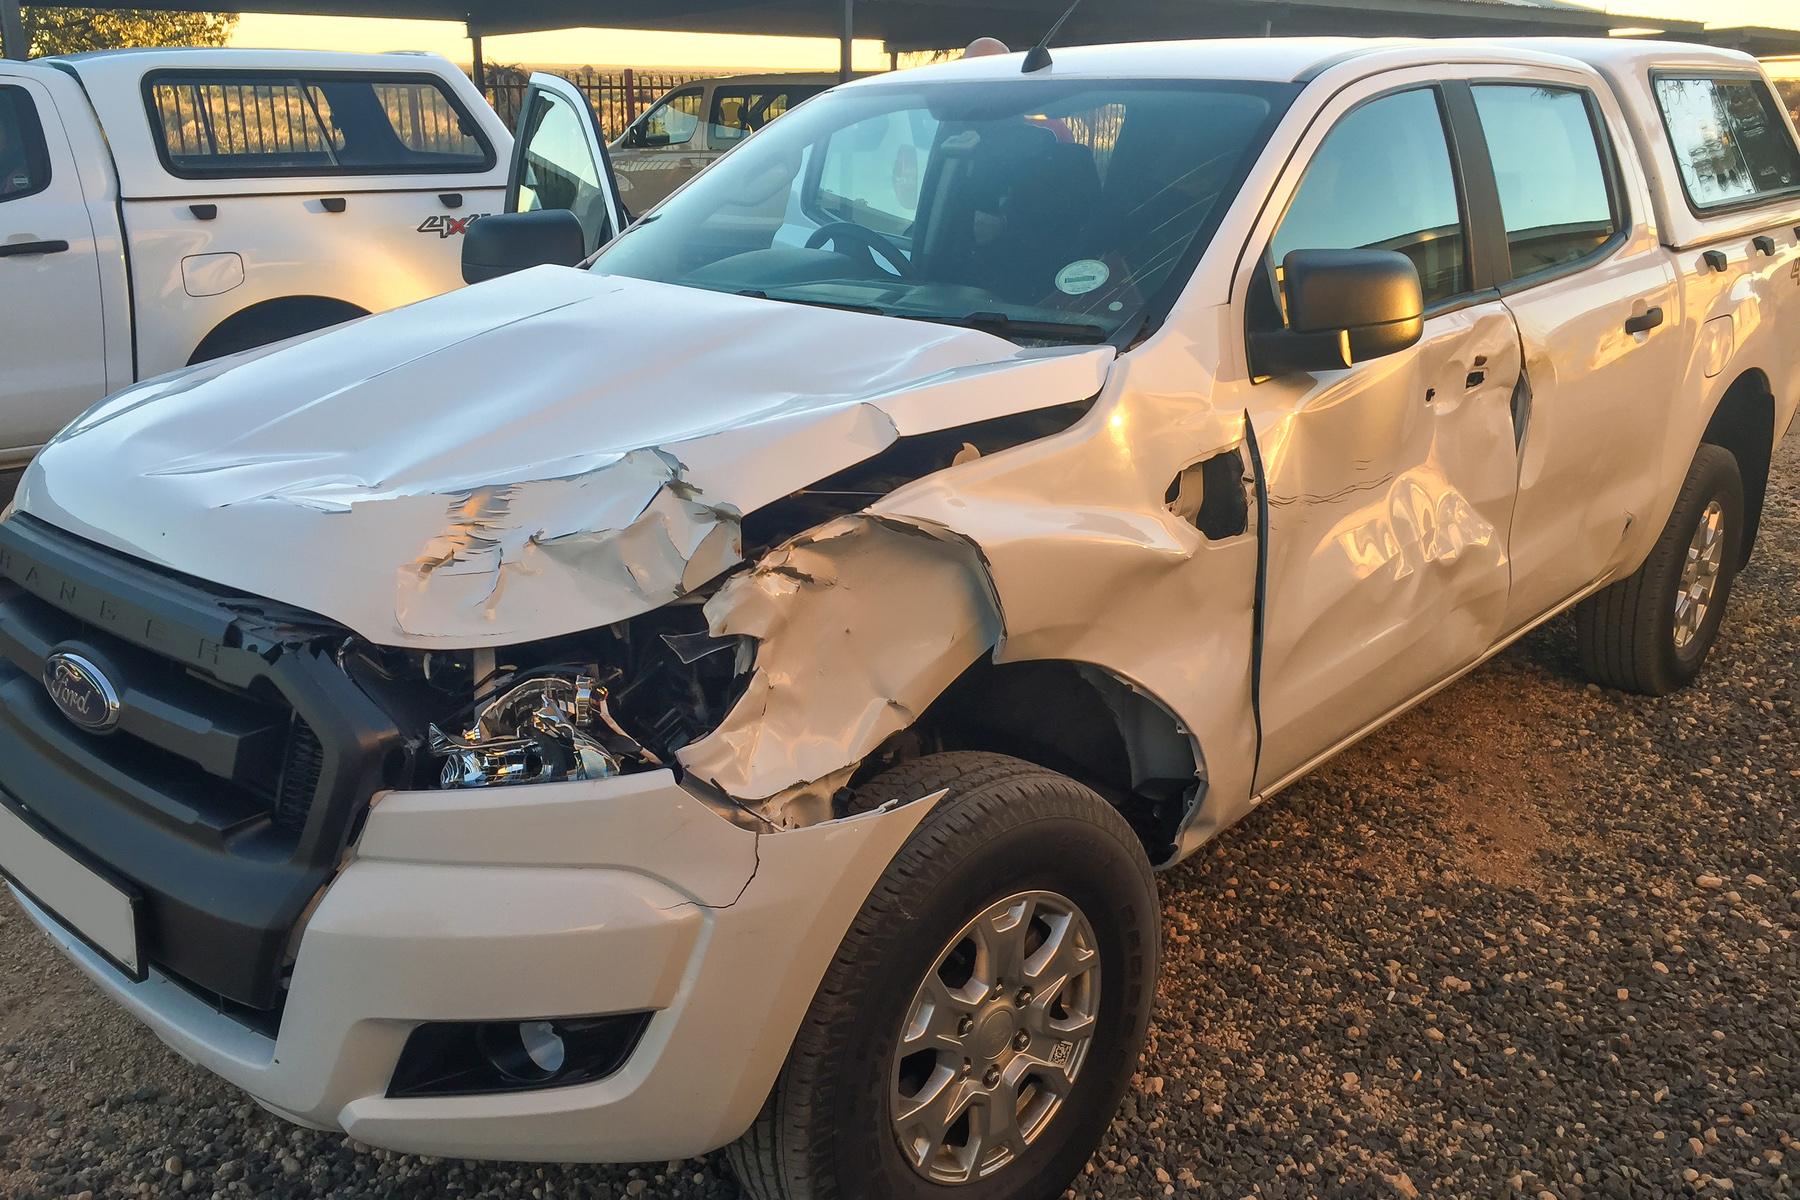 Damaged SUV after a crash